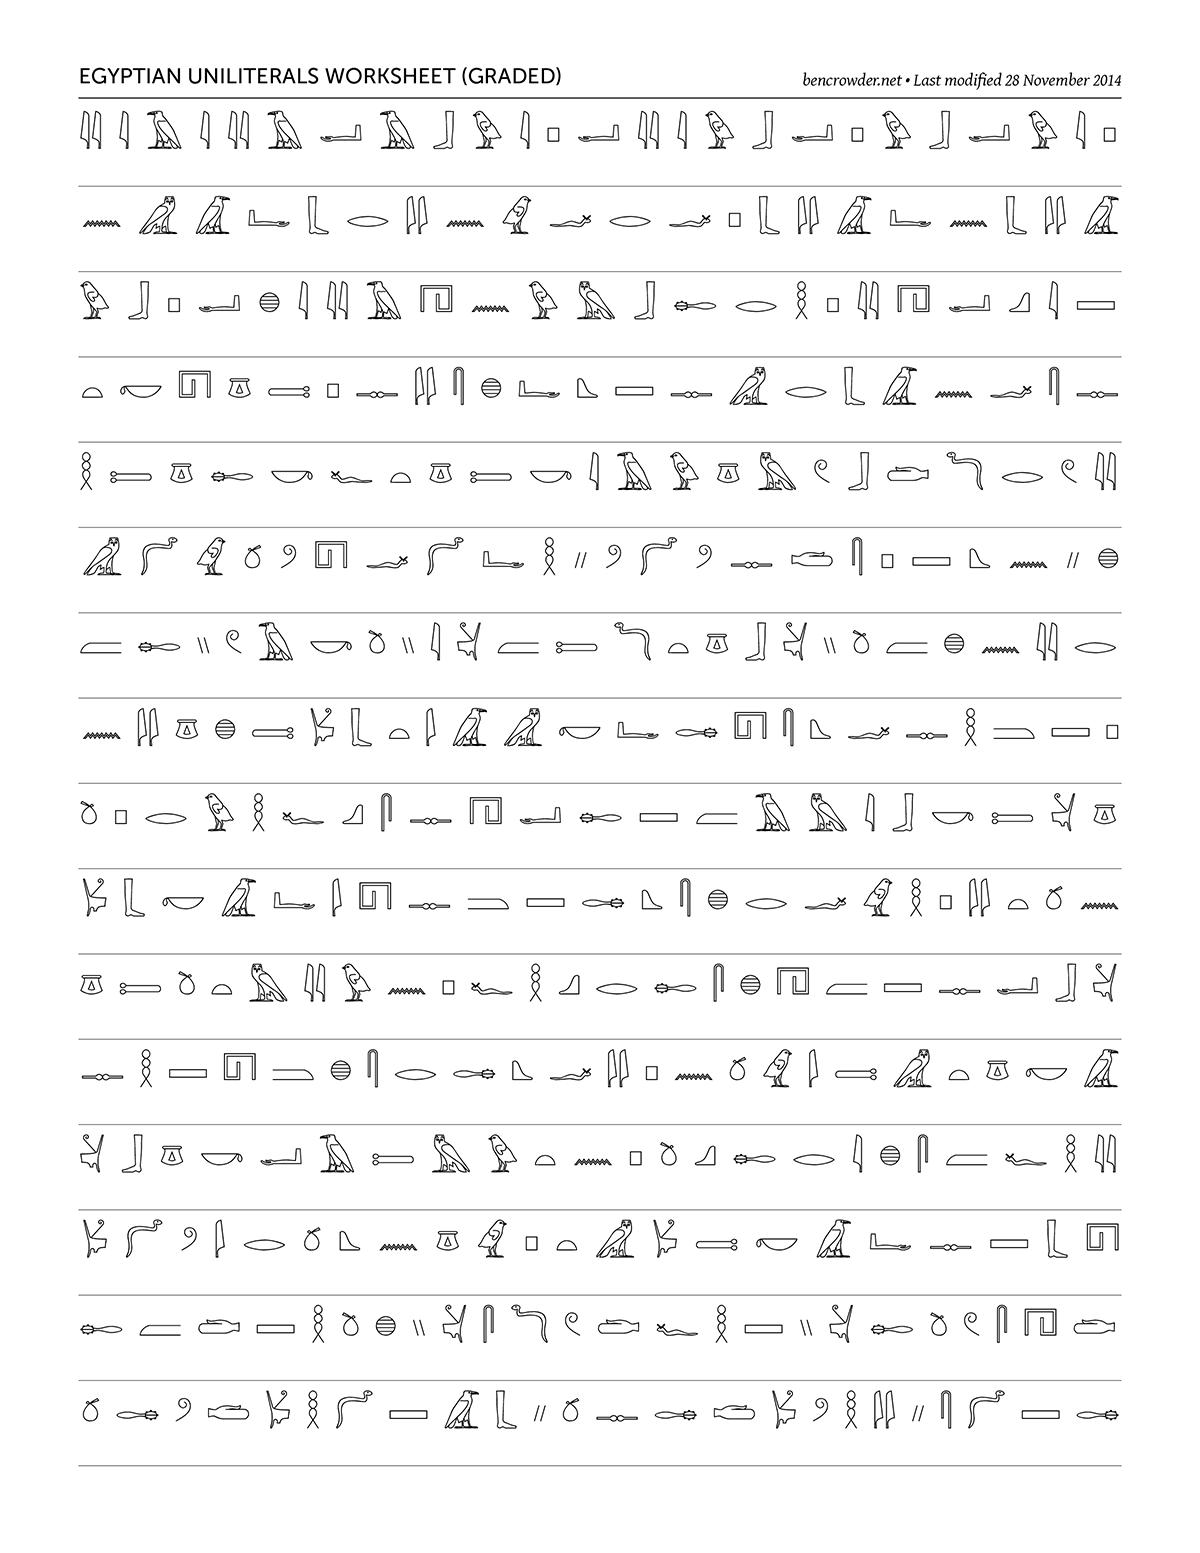 Egyptian Uniliterals Graded Worksheet